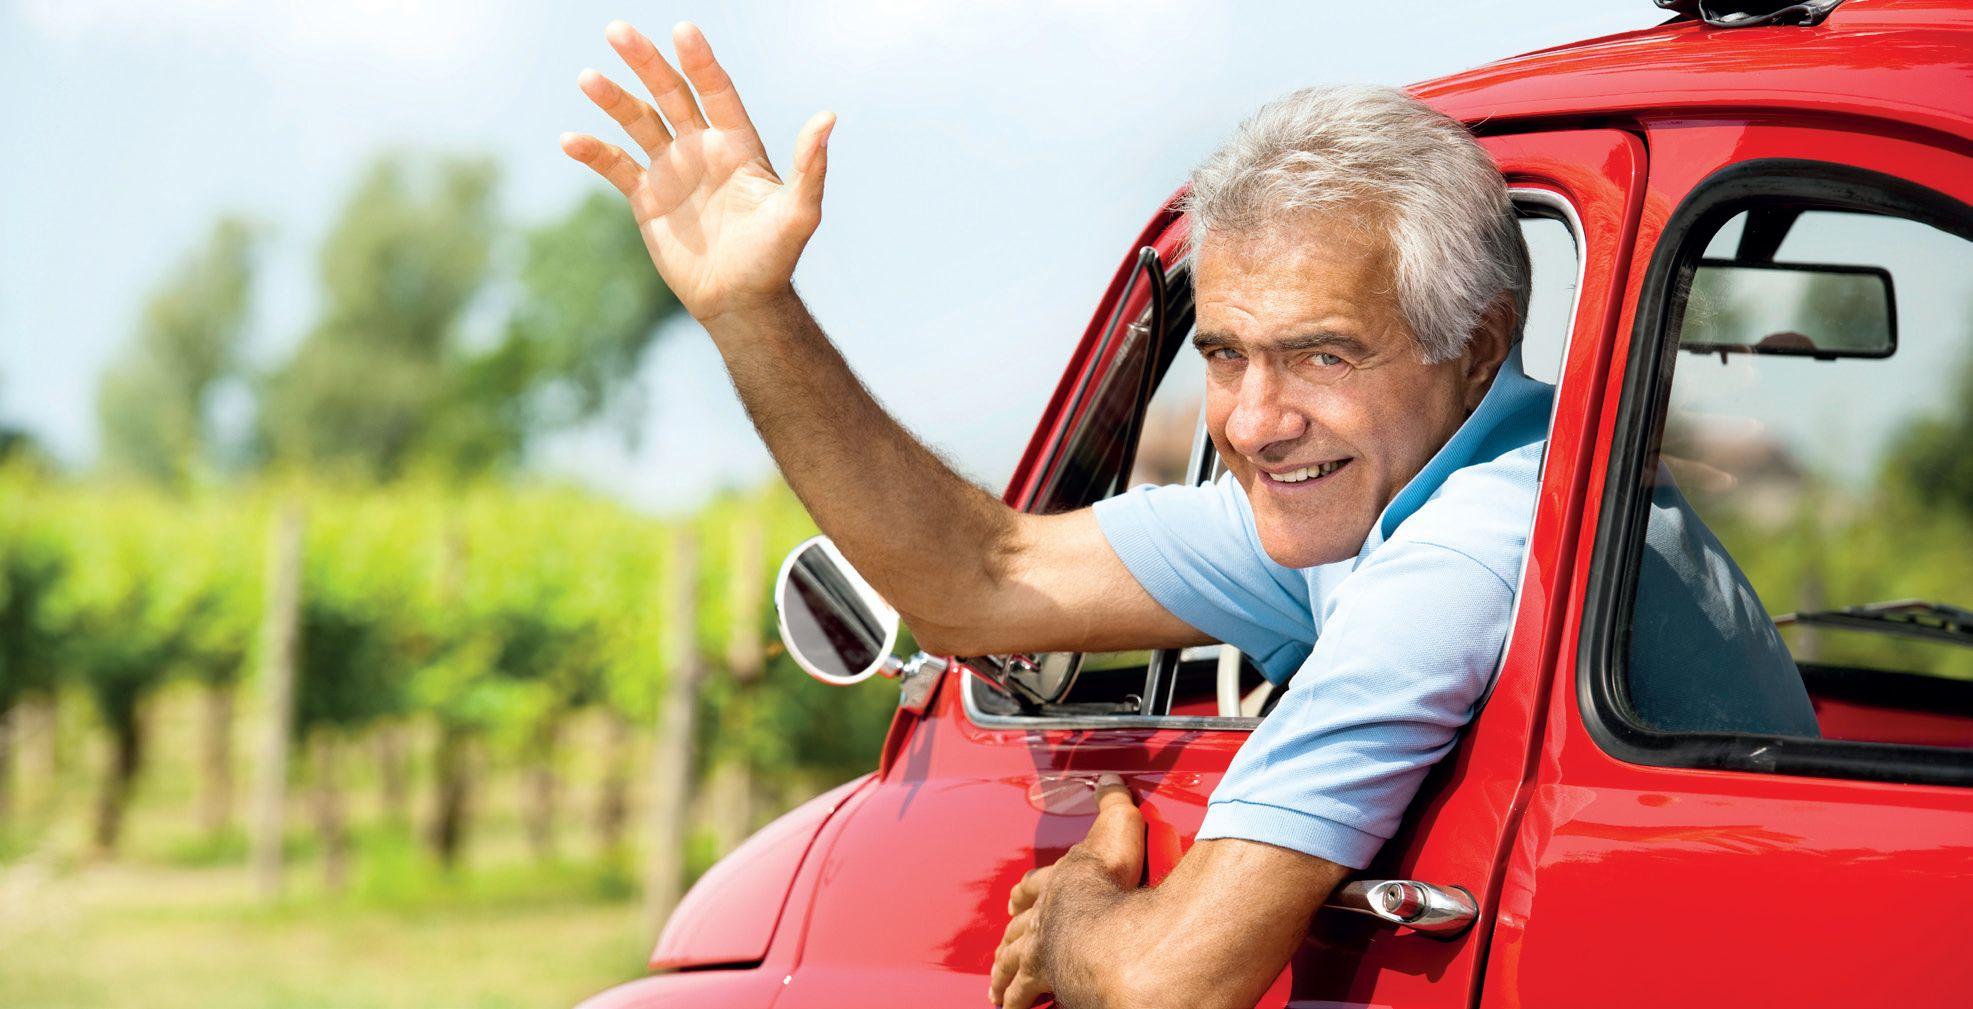 lehetséges-e autót vezetni magas vérnyomásban